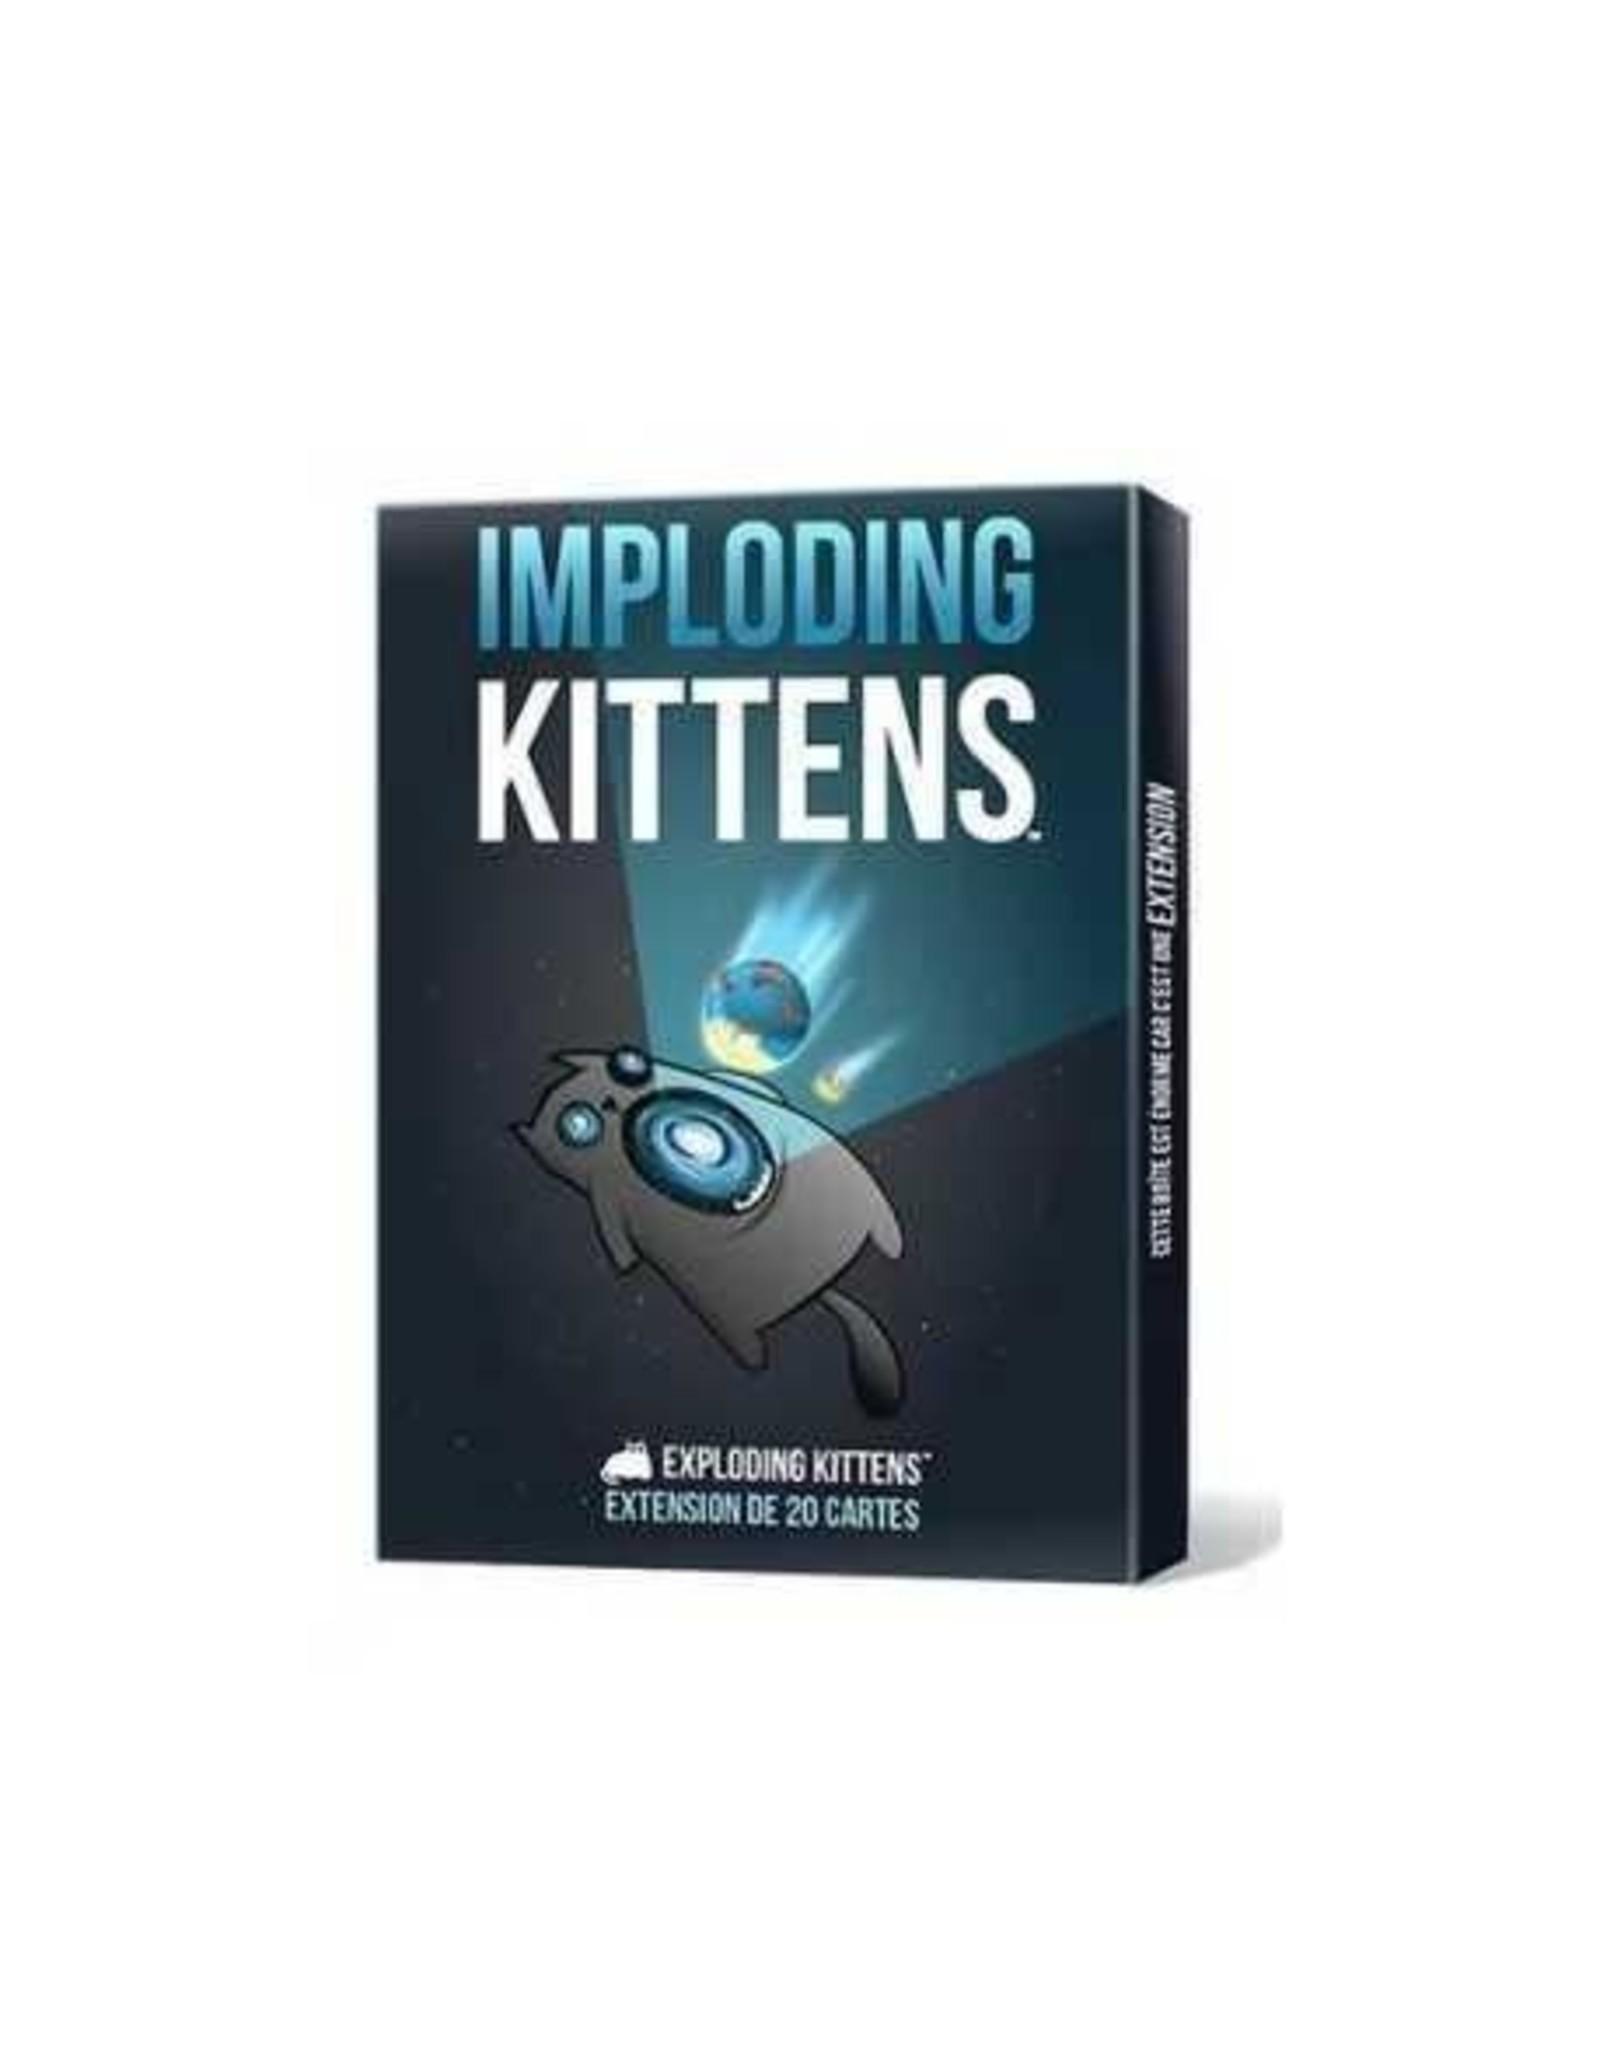 EXPLODING KITTENS EXPLODING KITTENS - EXT. IMPLODING KITTENS (FR)